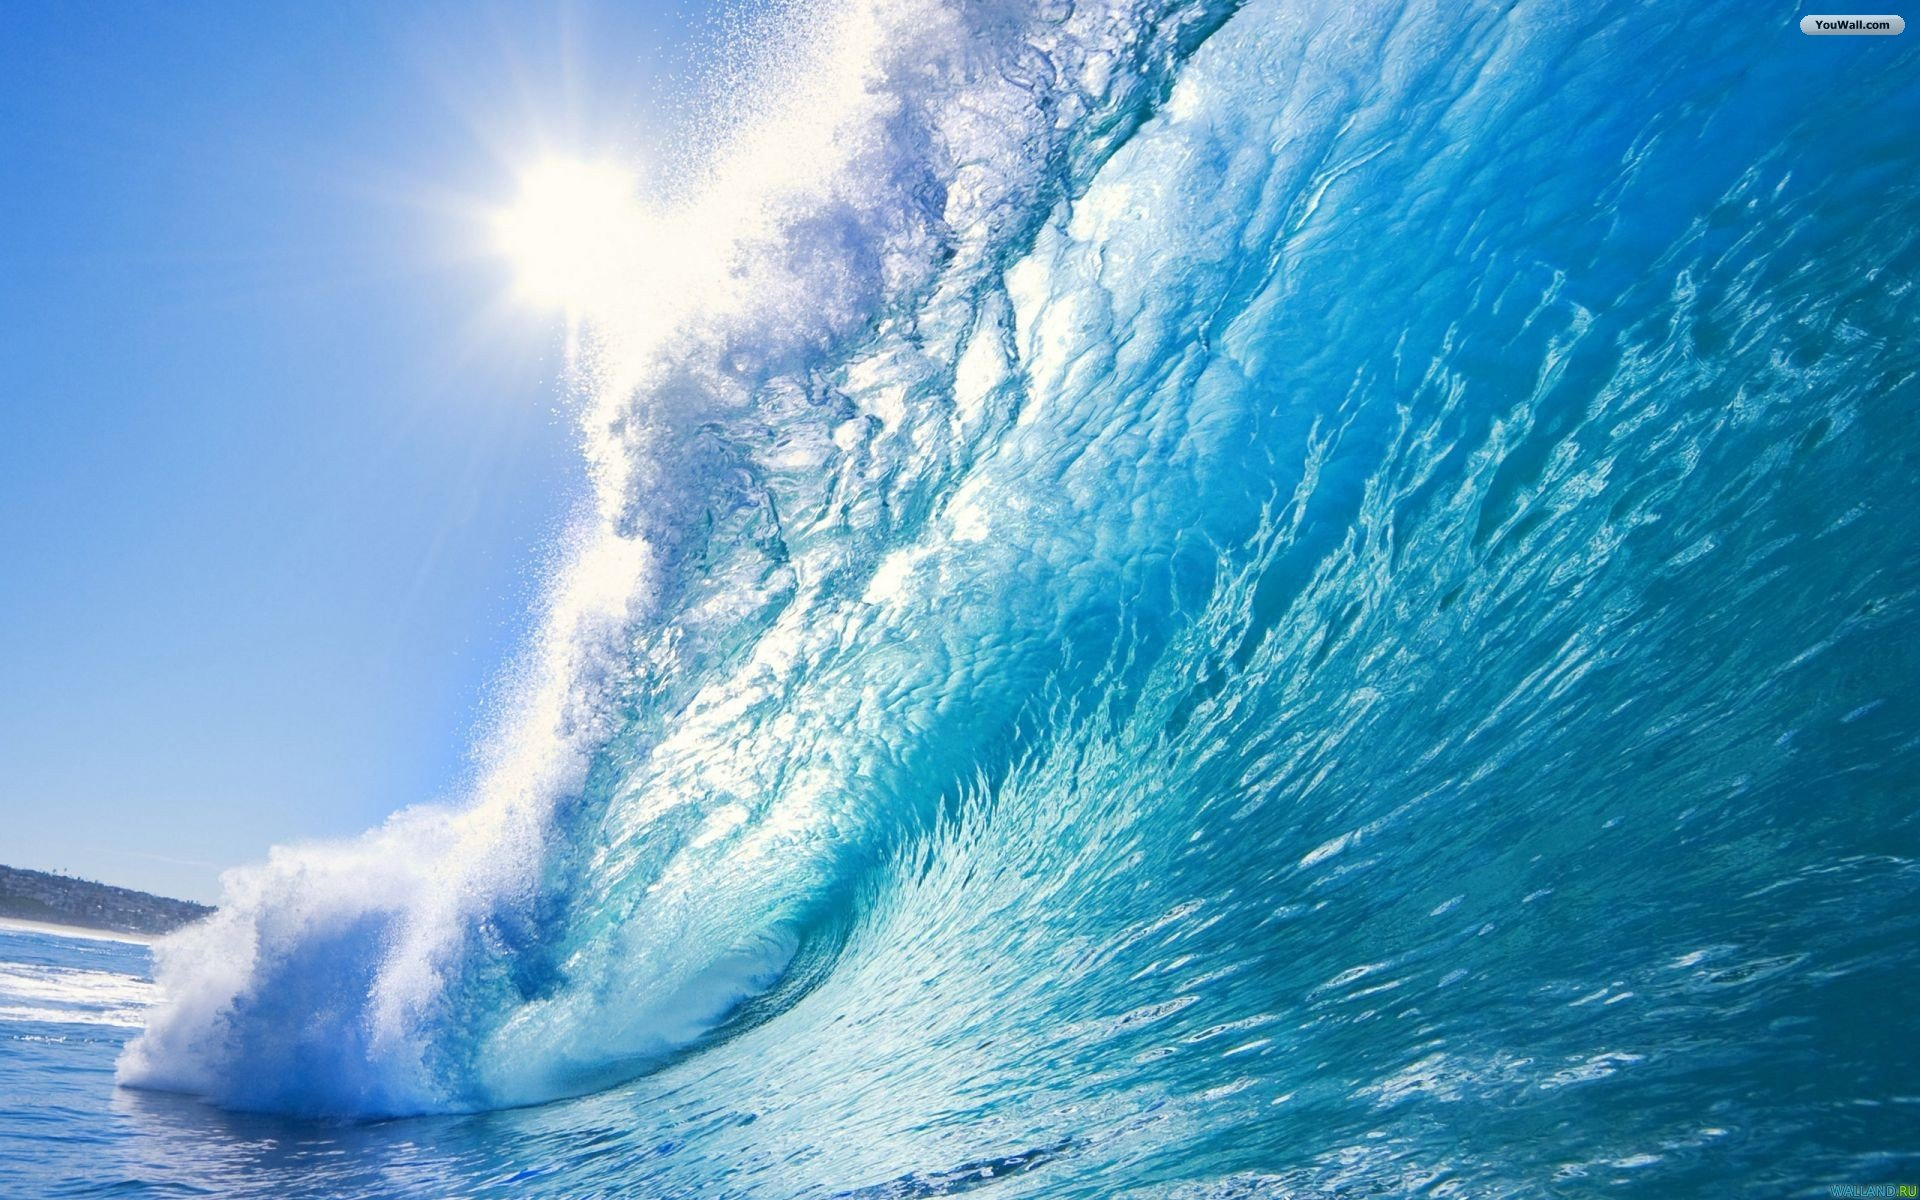 Ocean Wave Wallpaper